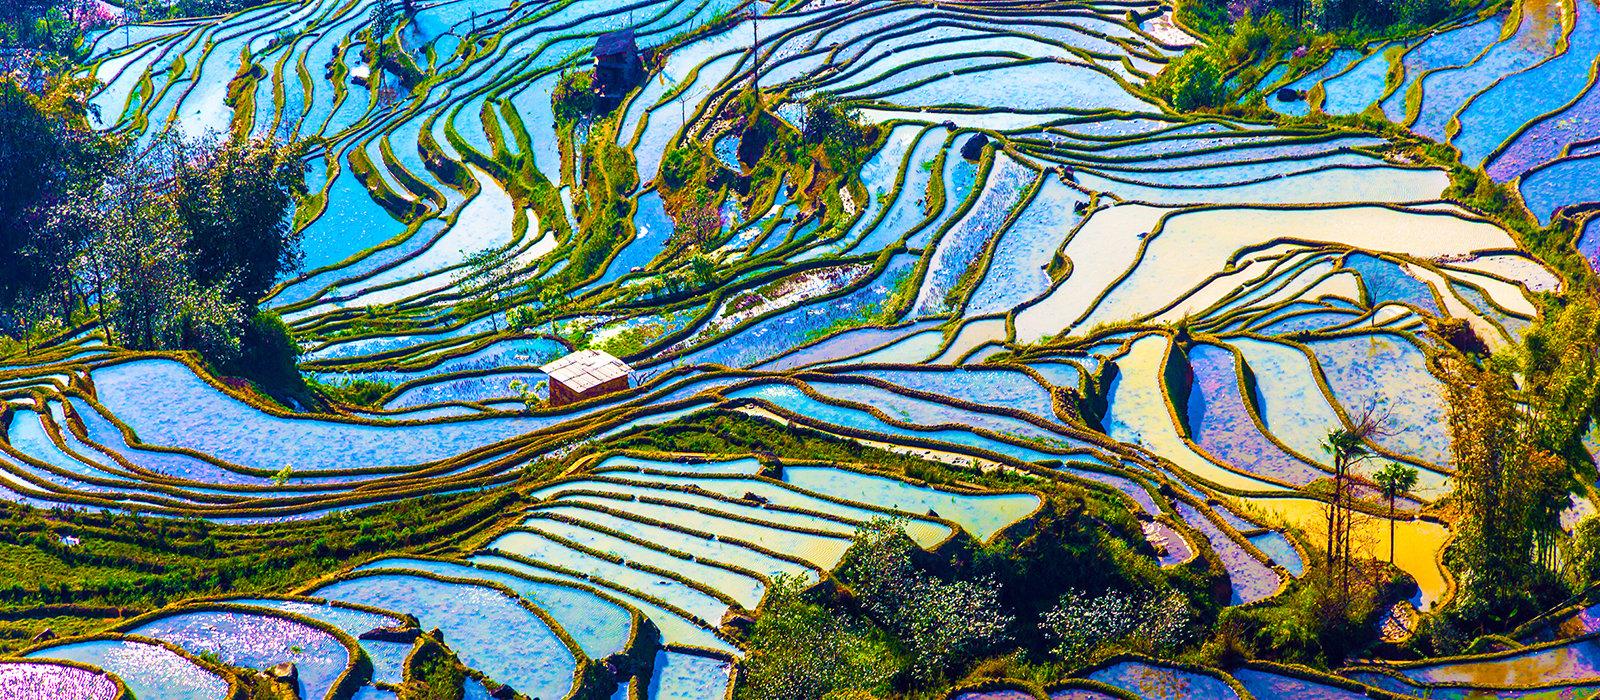 Voyage organisé en petit groupe - Yunnan - Chine - Agence de voyage Les Routes du Monde